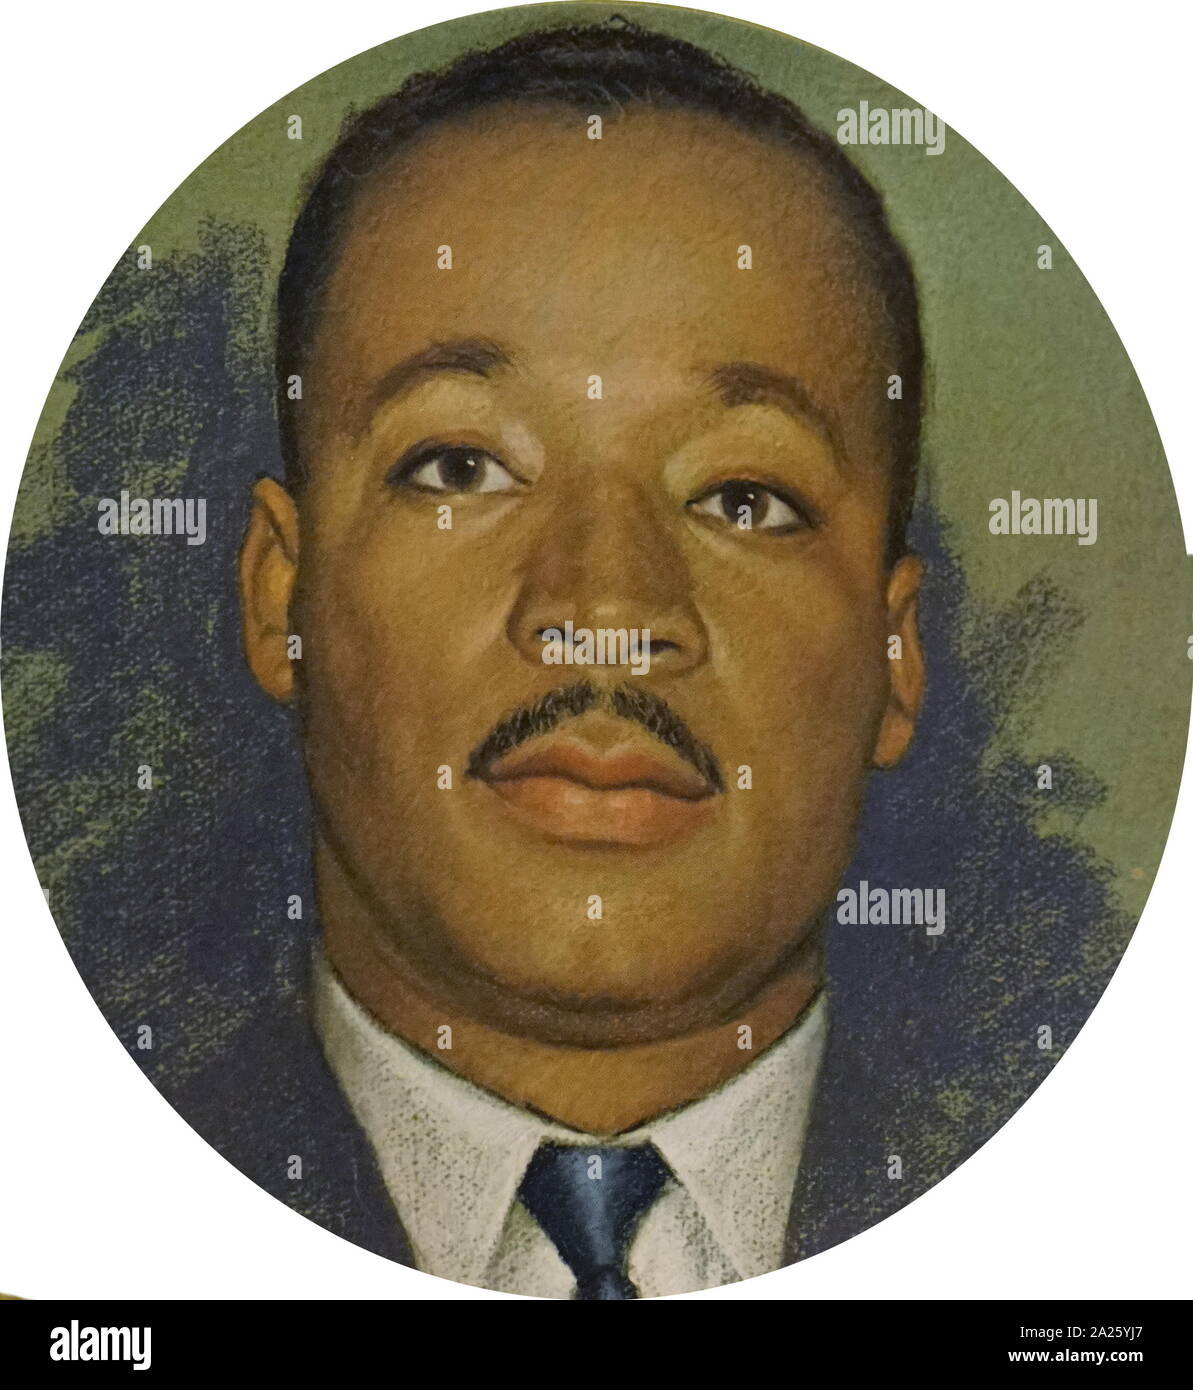 Un funerale piastra con una foto di Martin Luther King Jr. Martin Luther King Jr. (1929-1968) un americano ministro battista e attivista. Foto Stock